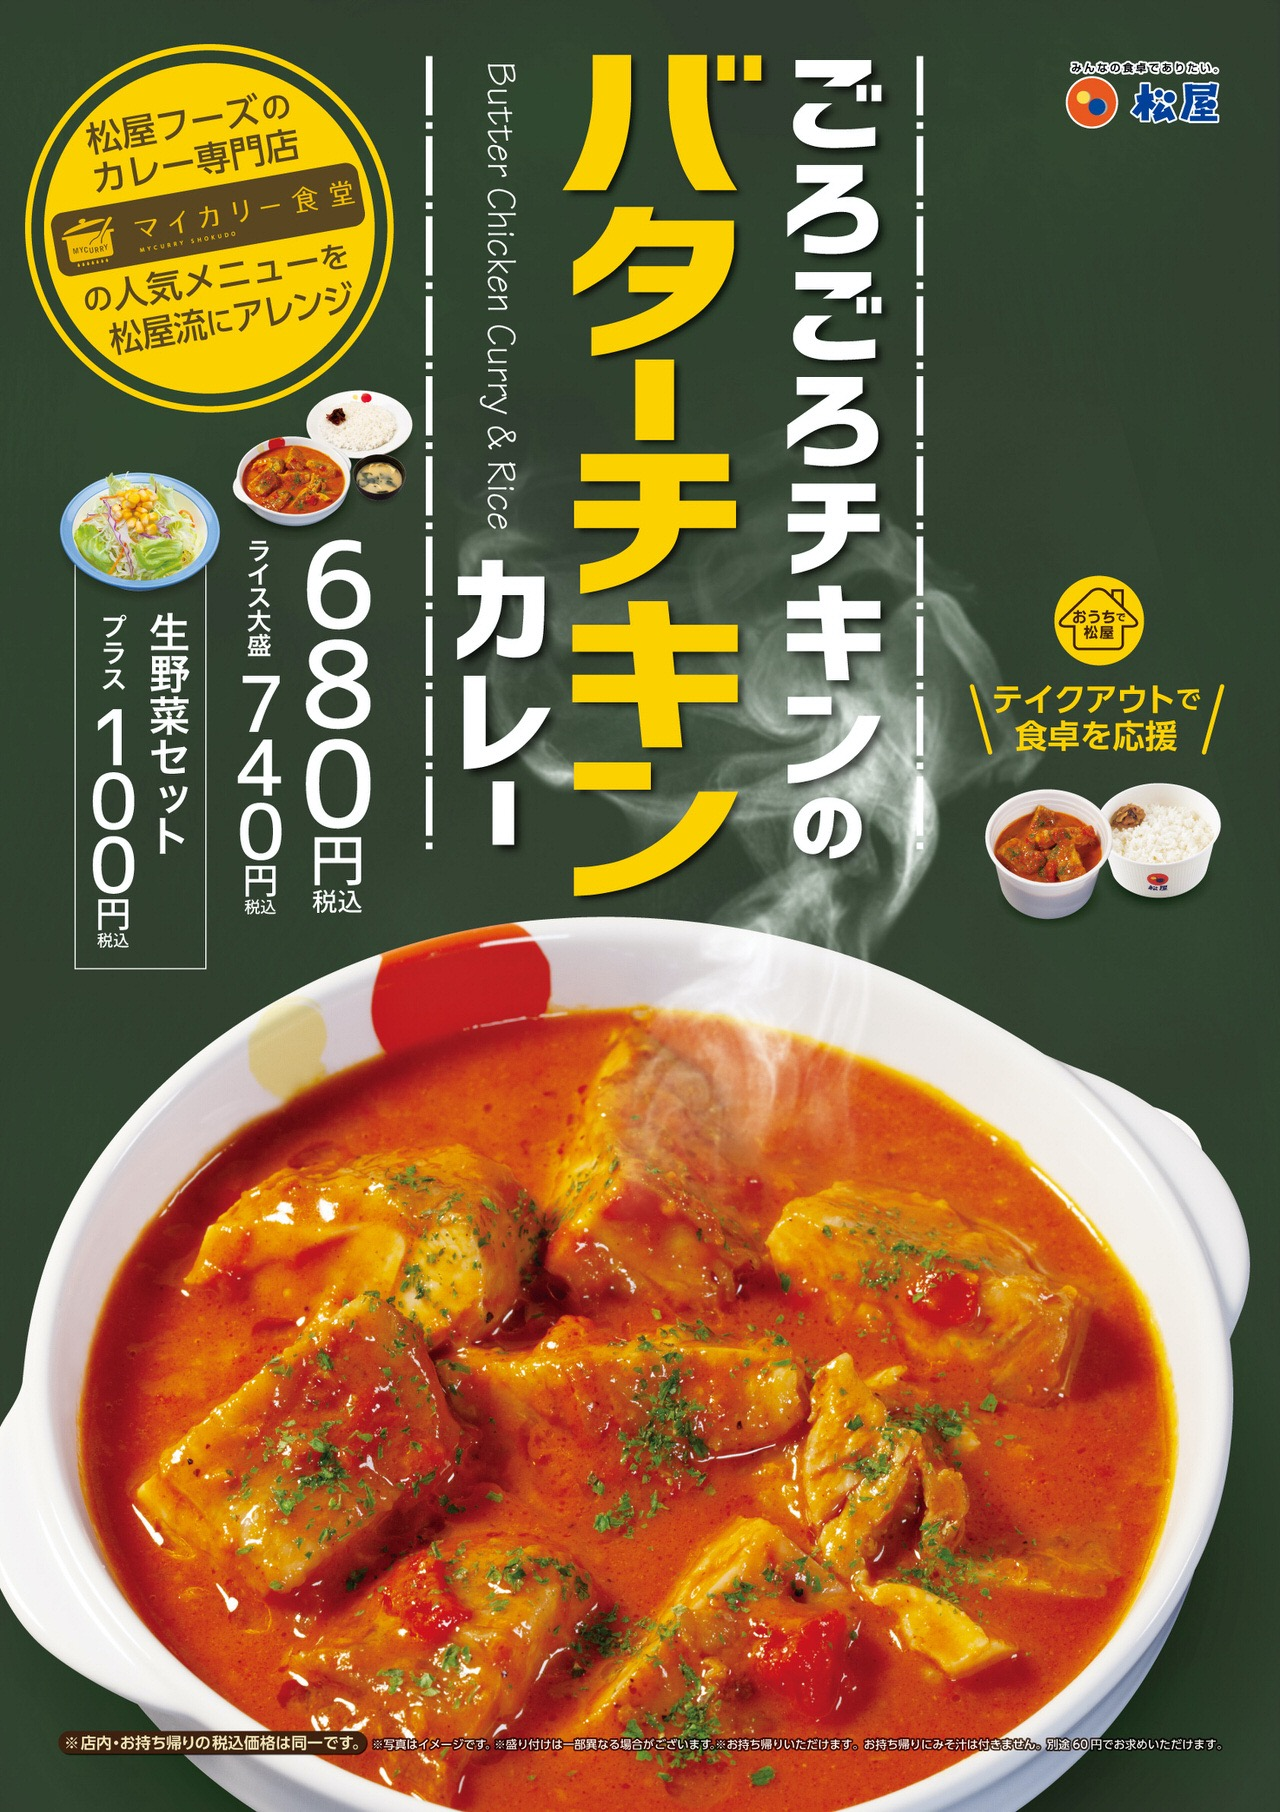 【松屋】「ごろごろチキンのバターチキンカレー」7月21日に復活!